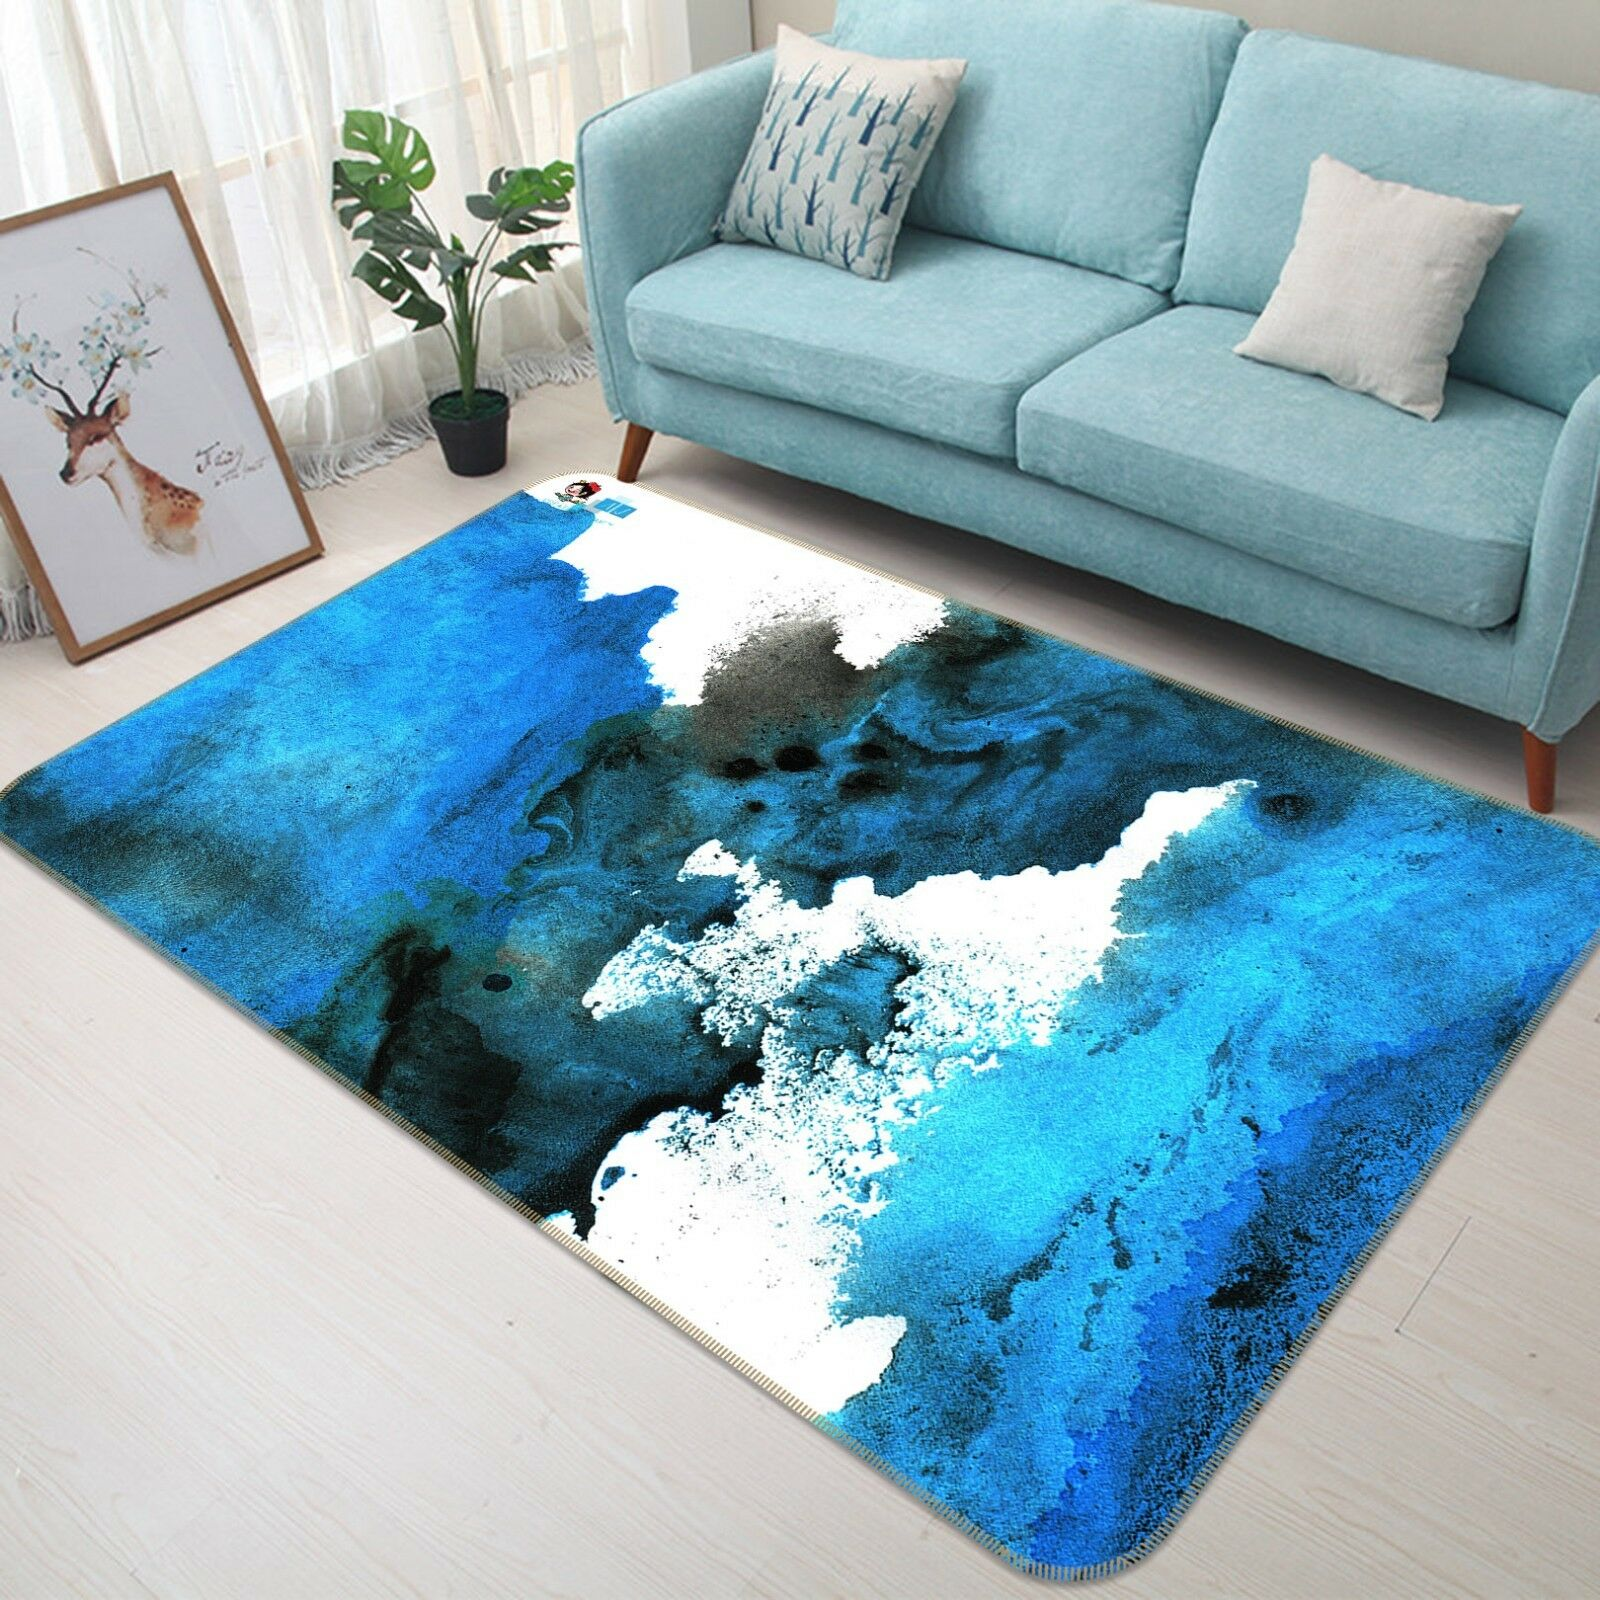 3D Tinta Azul Alfombra colchoneta de 9 Graffiti Antideslizante Alfombra De Sala Elegante De Calidad Foto Alfombra